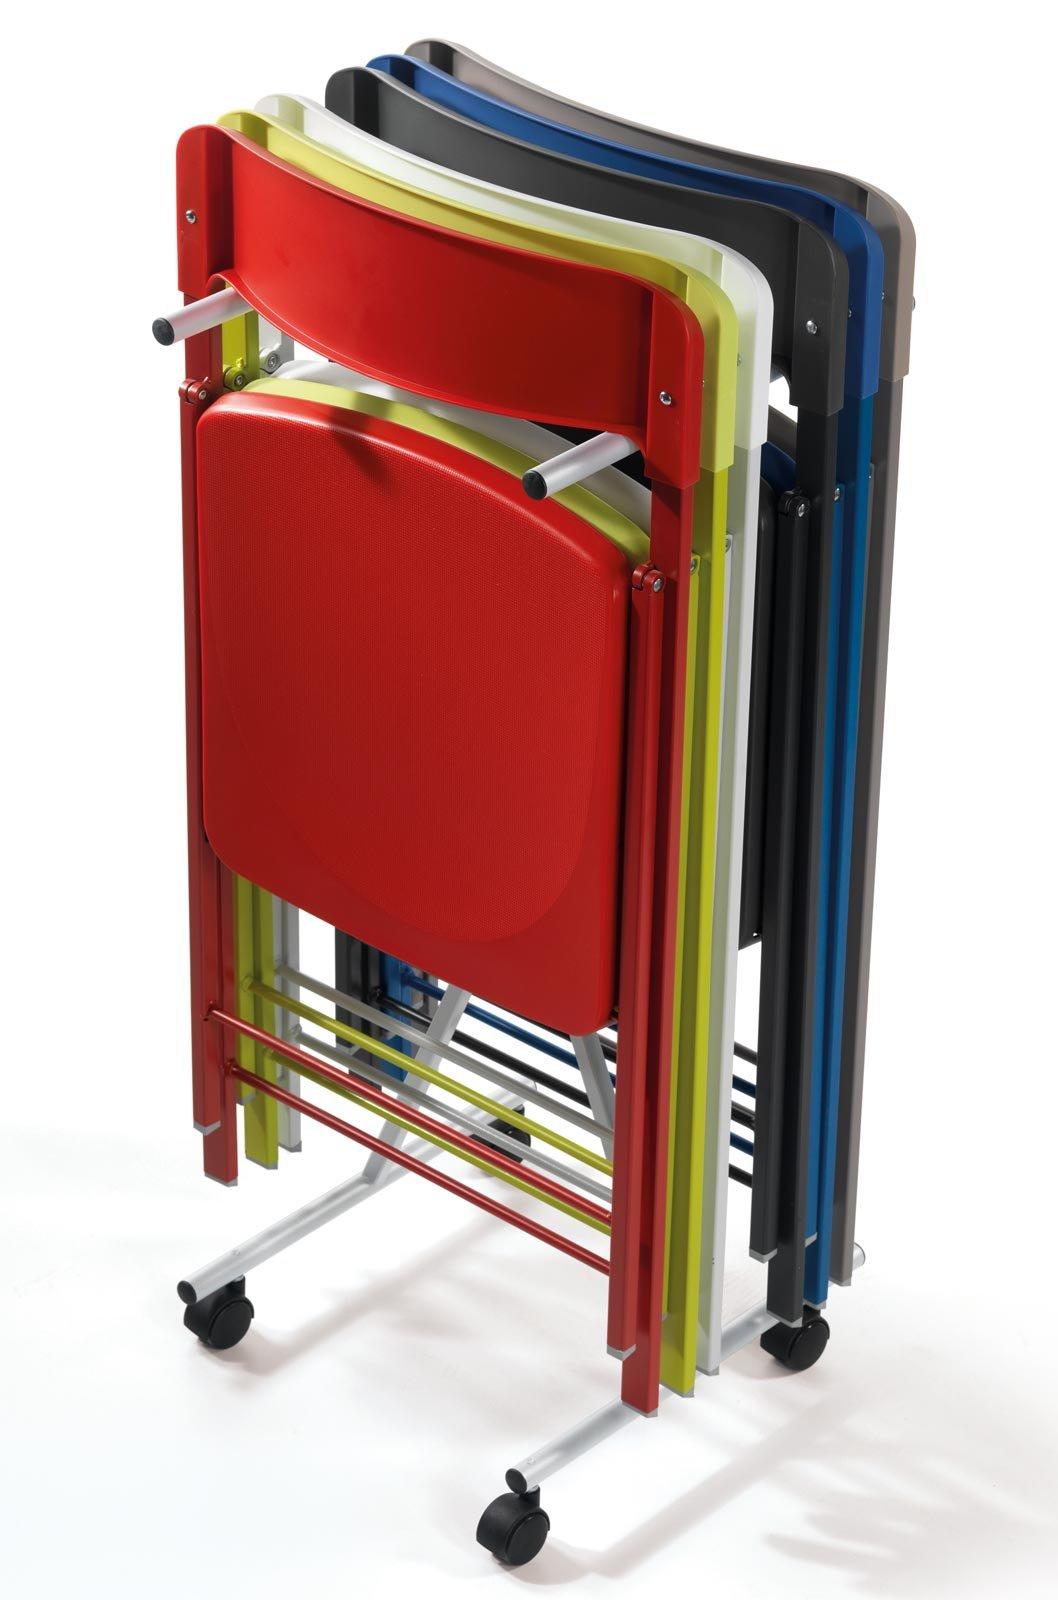 Porta Sedie Pieghevoli Ikea.L Arredamento Che Risolve Le Soluzioni Giuste Per Ogni Ambiente